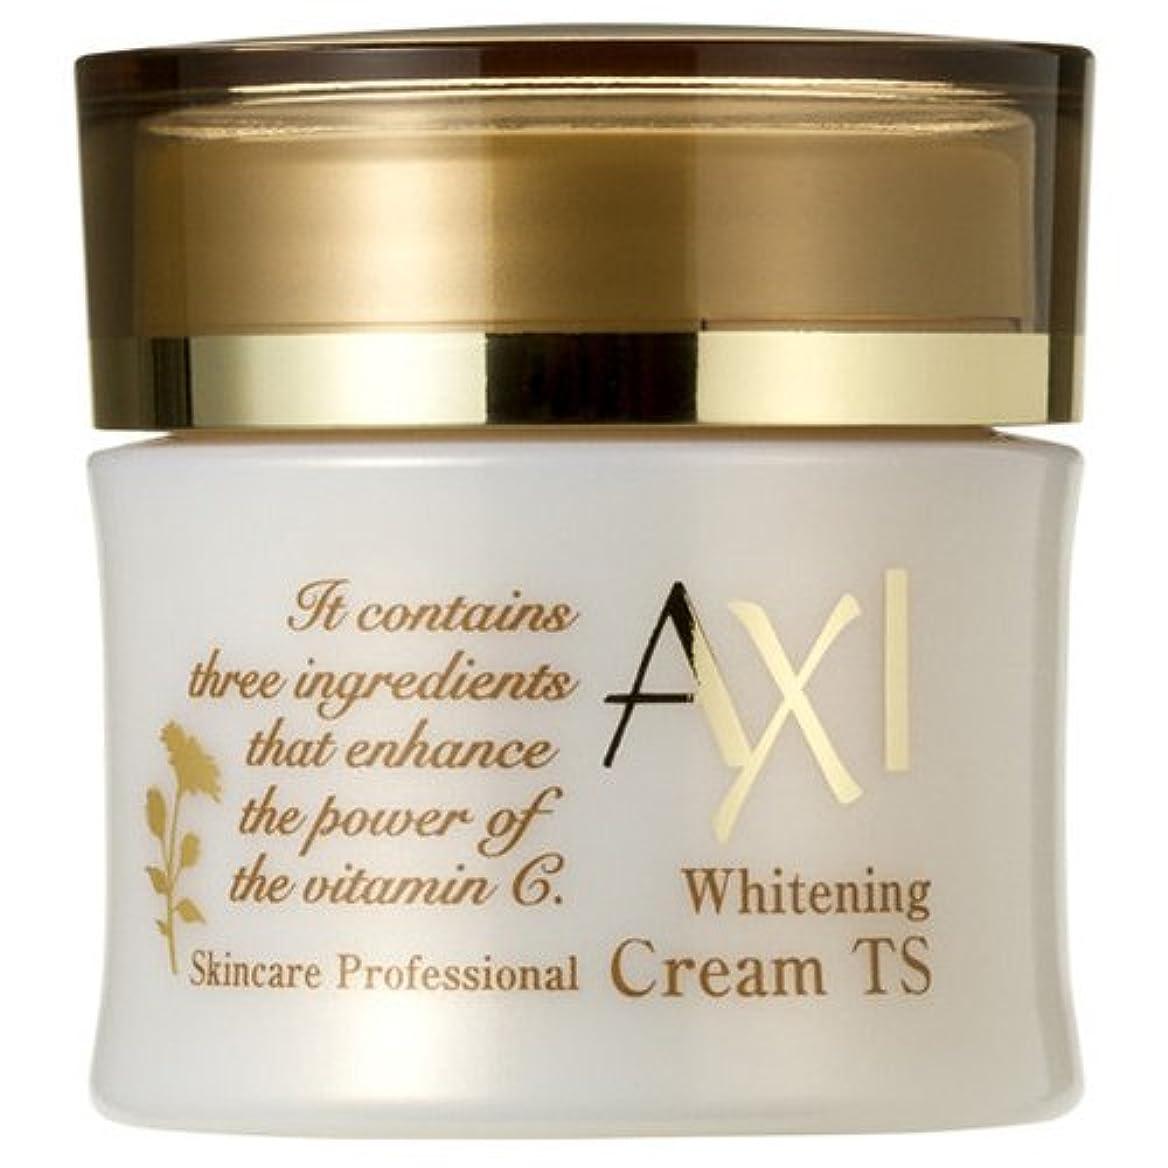 クオレ AXI ホワイトニング クリーム TS 35g 医薬部外品